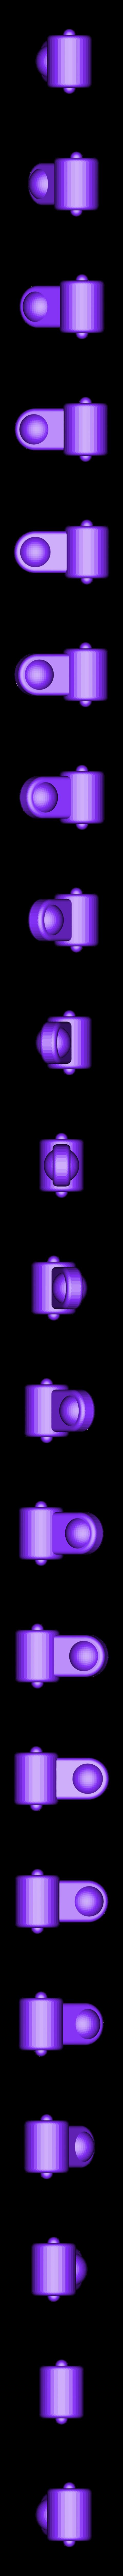 v2_finger-hand_hinge.stl Télécharger fichier STL gratuit TRANSFORMERS CW POSABLE HANDS 2.0 • Design pour impression 3D, sickofyou